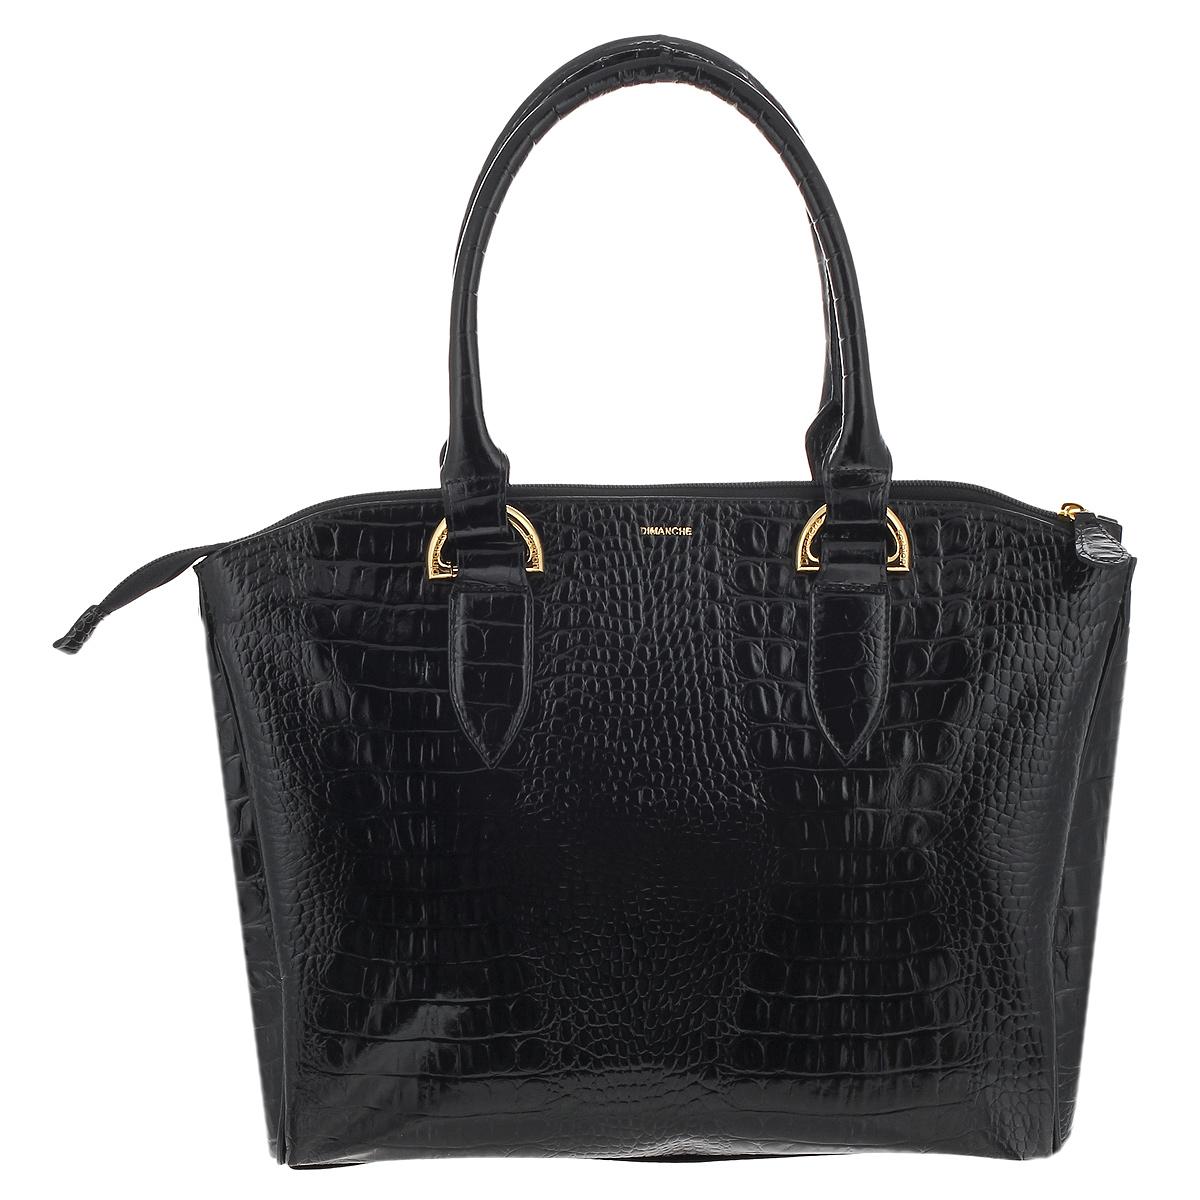 Сумка женская Dimanche Сильвия, цвет: черный. 467/1S76245Стильная женская сумка Dimanche Сильвия выполнена из натуральной высококачественной кожи черного цвета с декоративным теснением под рептилию. Сумка имеет одно вместительное отделение, разделенное средником на молнии и закрывается на застежку-молнию. Внутри - два накладных кармана и карман на застежке-молнии. Сумка оснащена двумя удобными ручками. Фурнитура - золотистого цвета. Сумка упакована в фирменный текстильный мешок.Сумка женская Dimanche Сильвия подчеркнет вашу яркую индивидуальность и сделает образ завершенным. Характеристики: Материал: натуральная кожа, текстиль, металл. Цвет: черный. Размер сумки: 37 см х 28 см х 7 см. Высота ручек: 19 см.